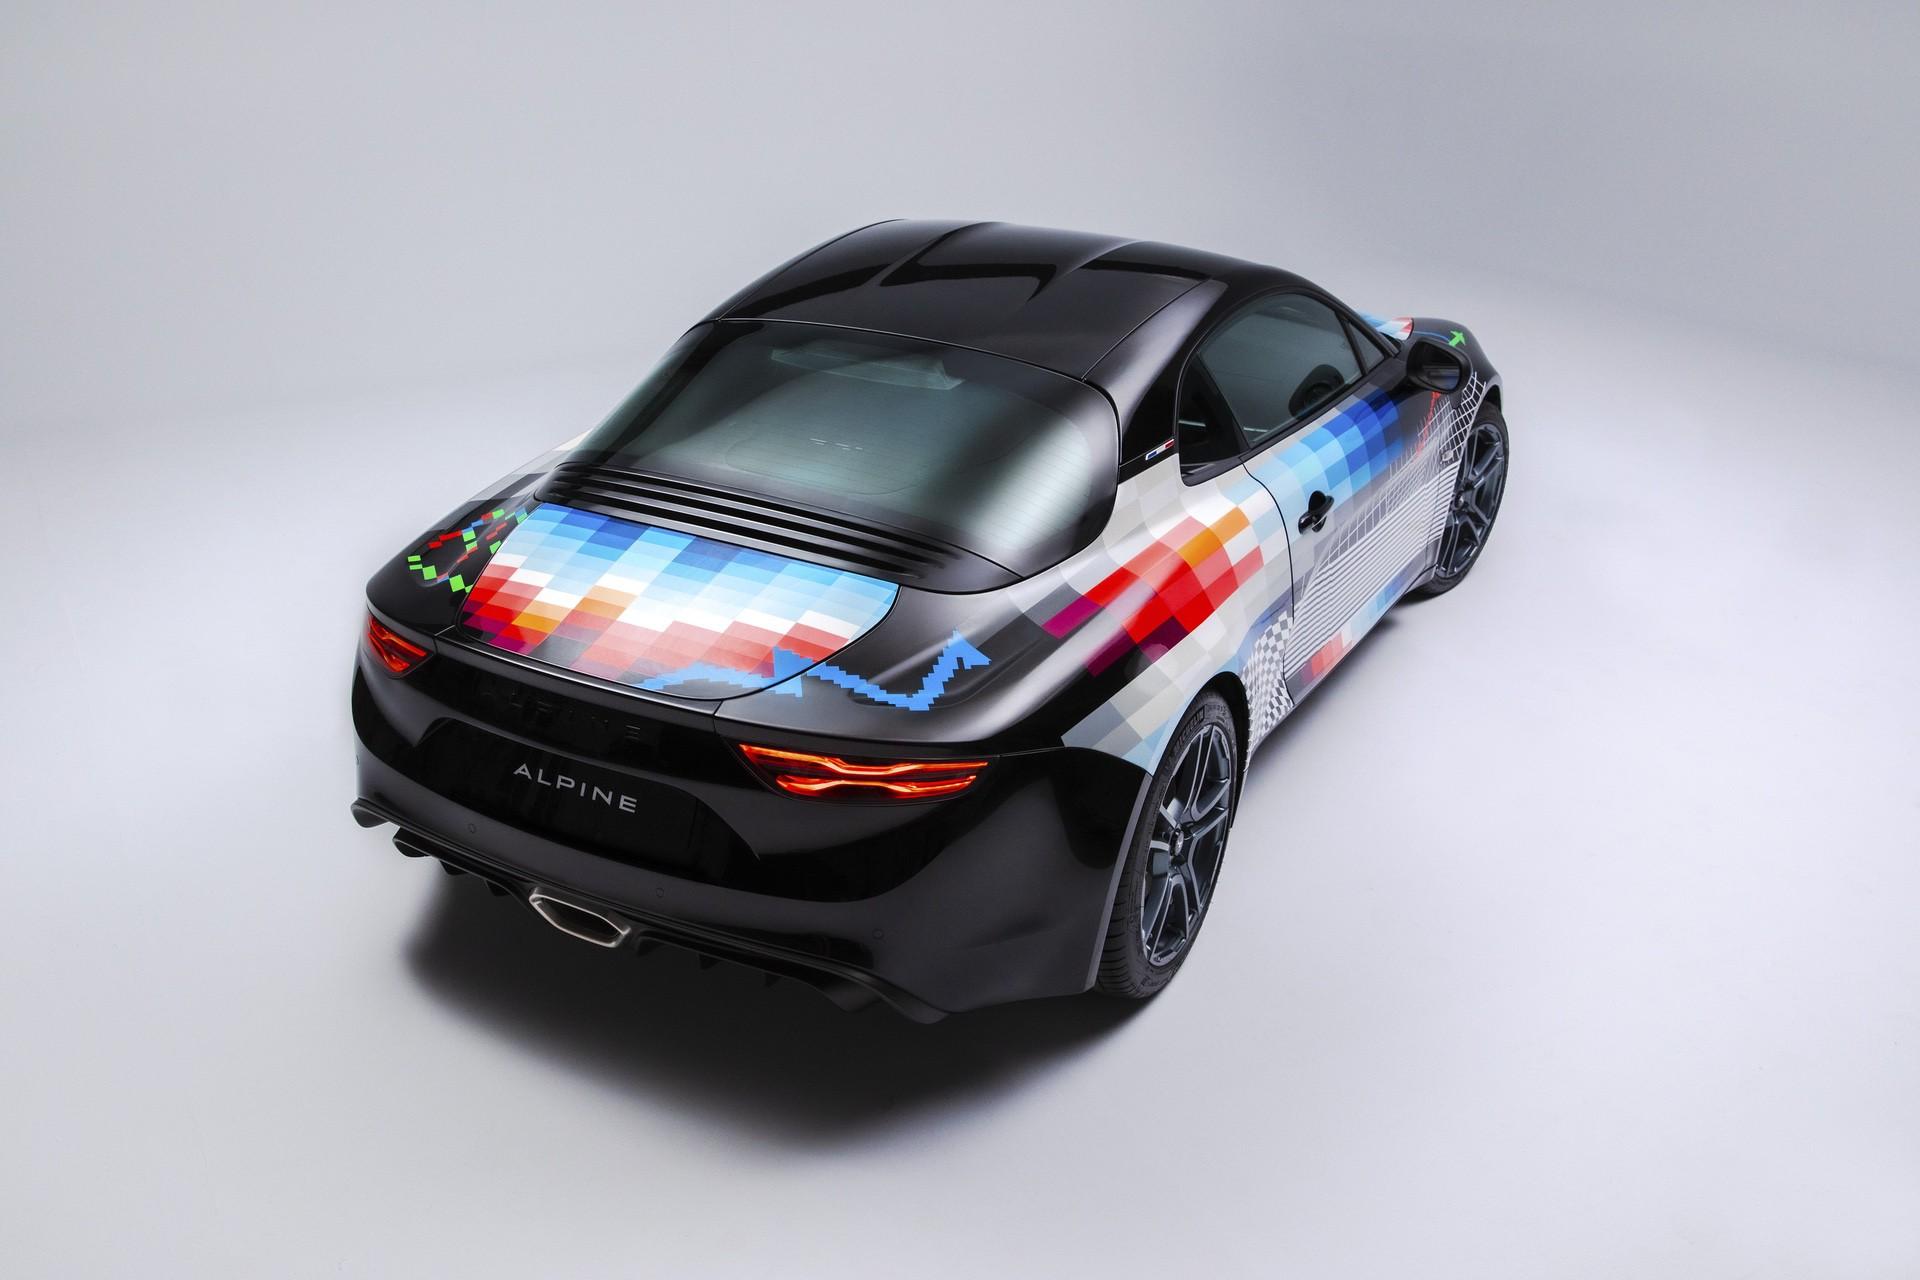 10-2021-Alpine-A110-x-Felipe-Pantone